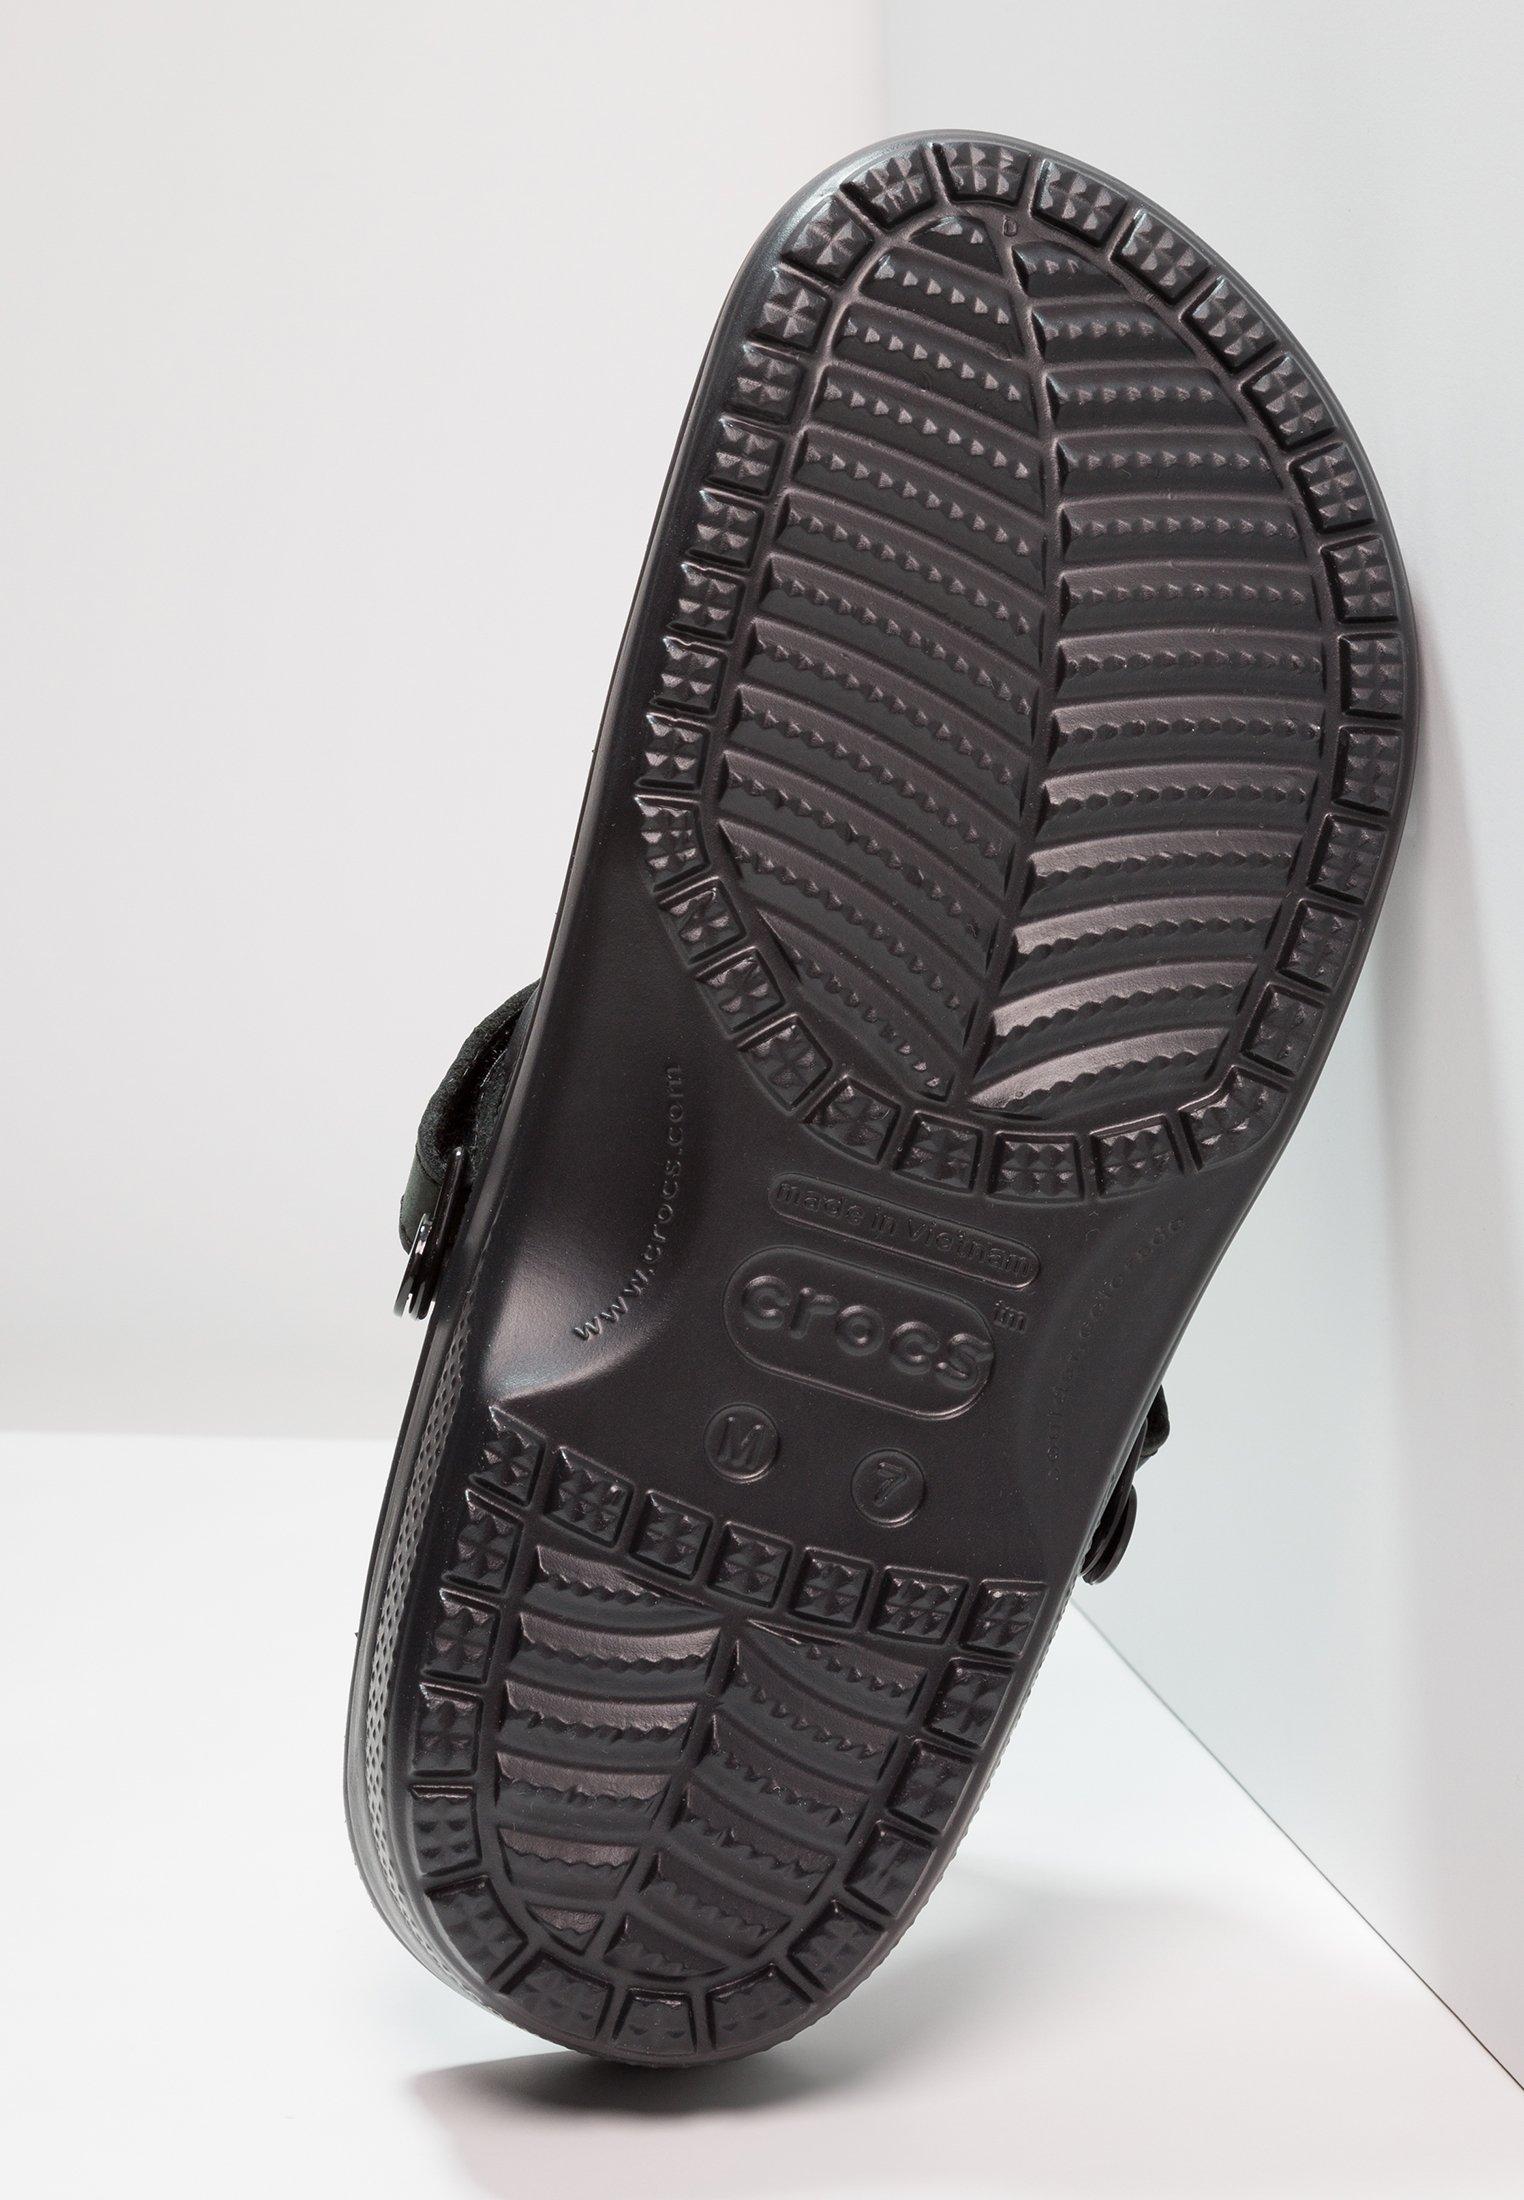 Crocs YUKON VISTA - Badsandaler - black/svart - Herrskor DUHWb